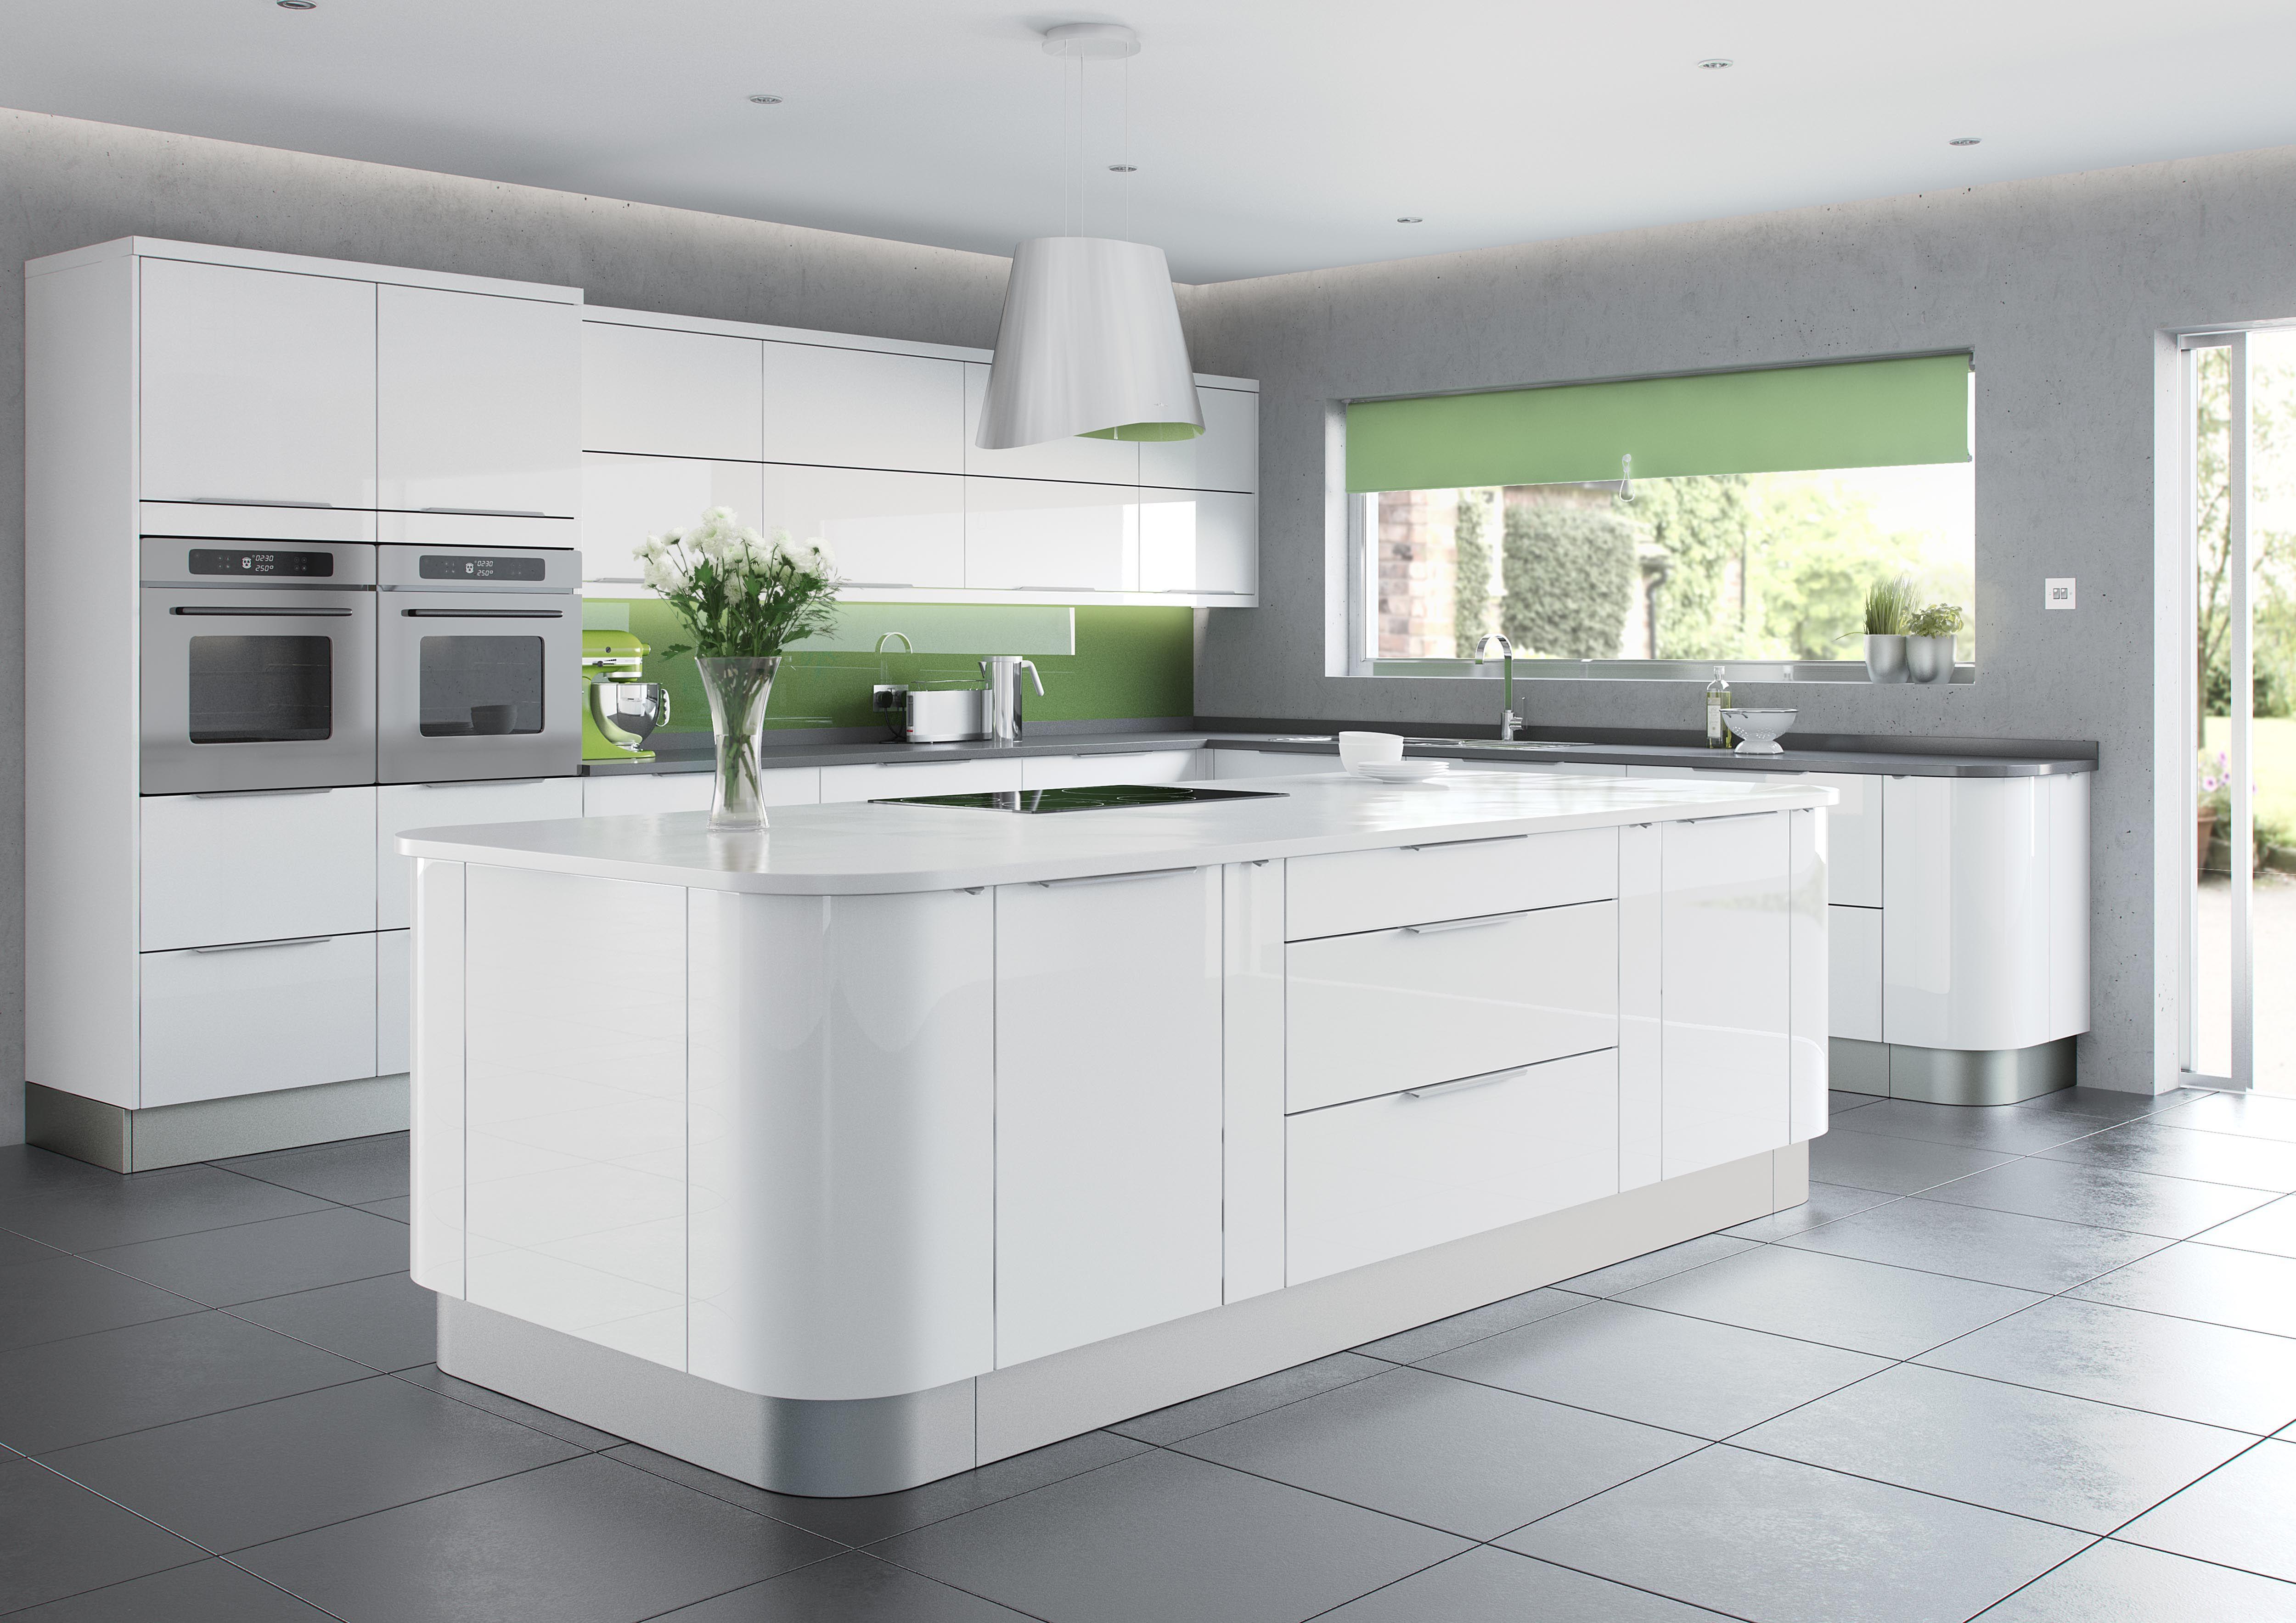 Pg3 Kitted Kitchens Kitchen Design Trends White Kitchen Units